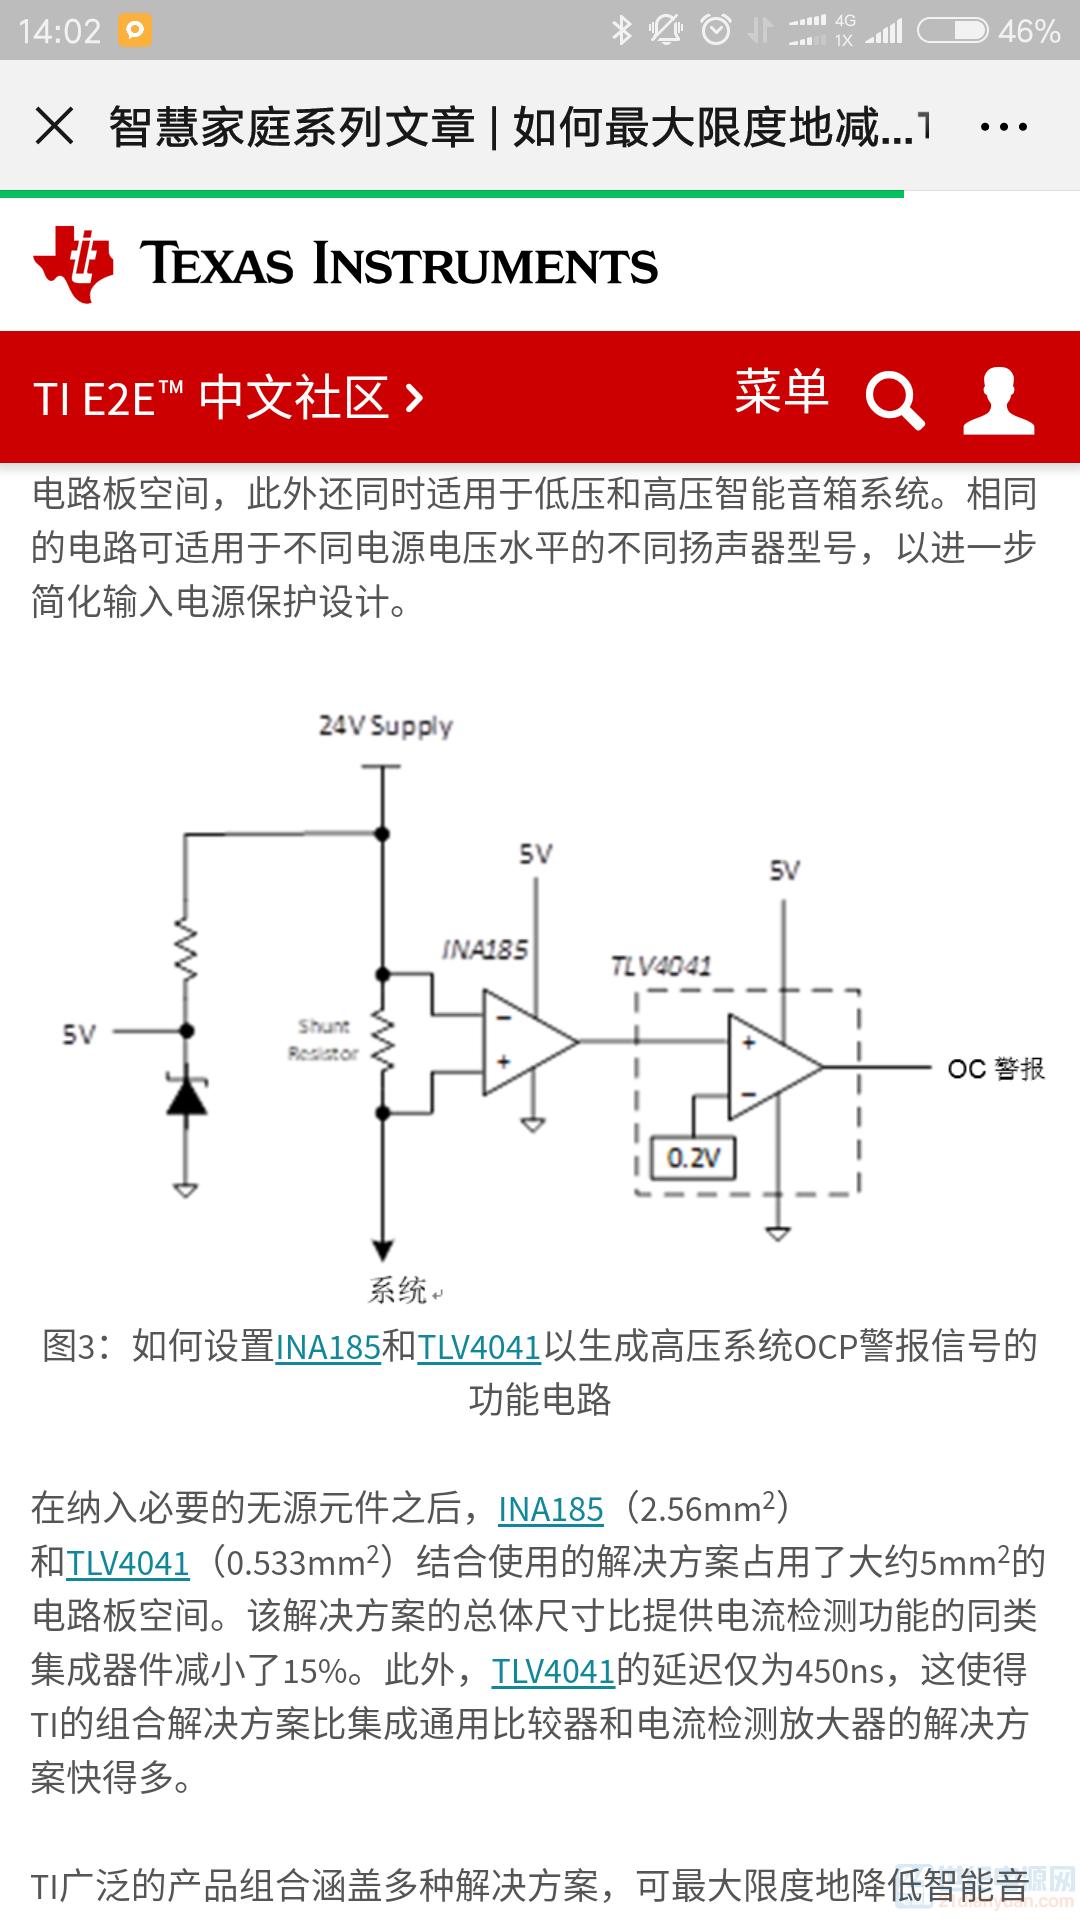 Screenshot_2019-11-01-14-02-34-155_com.tencent.mm.png